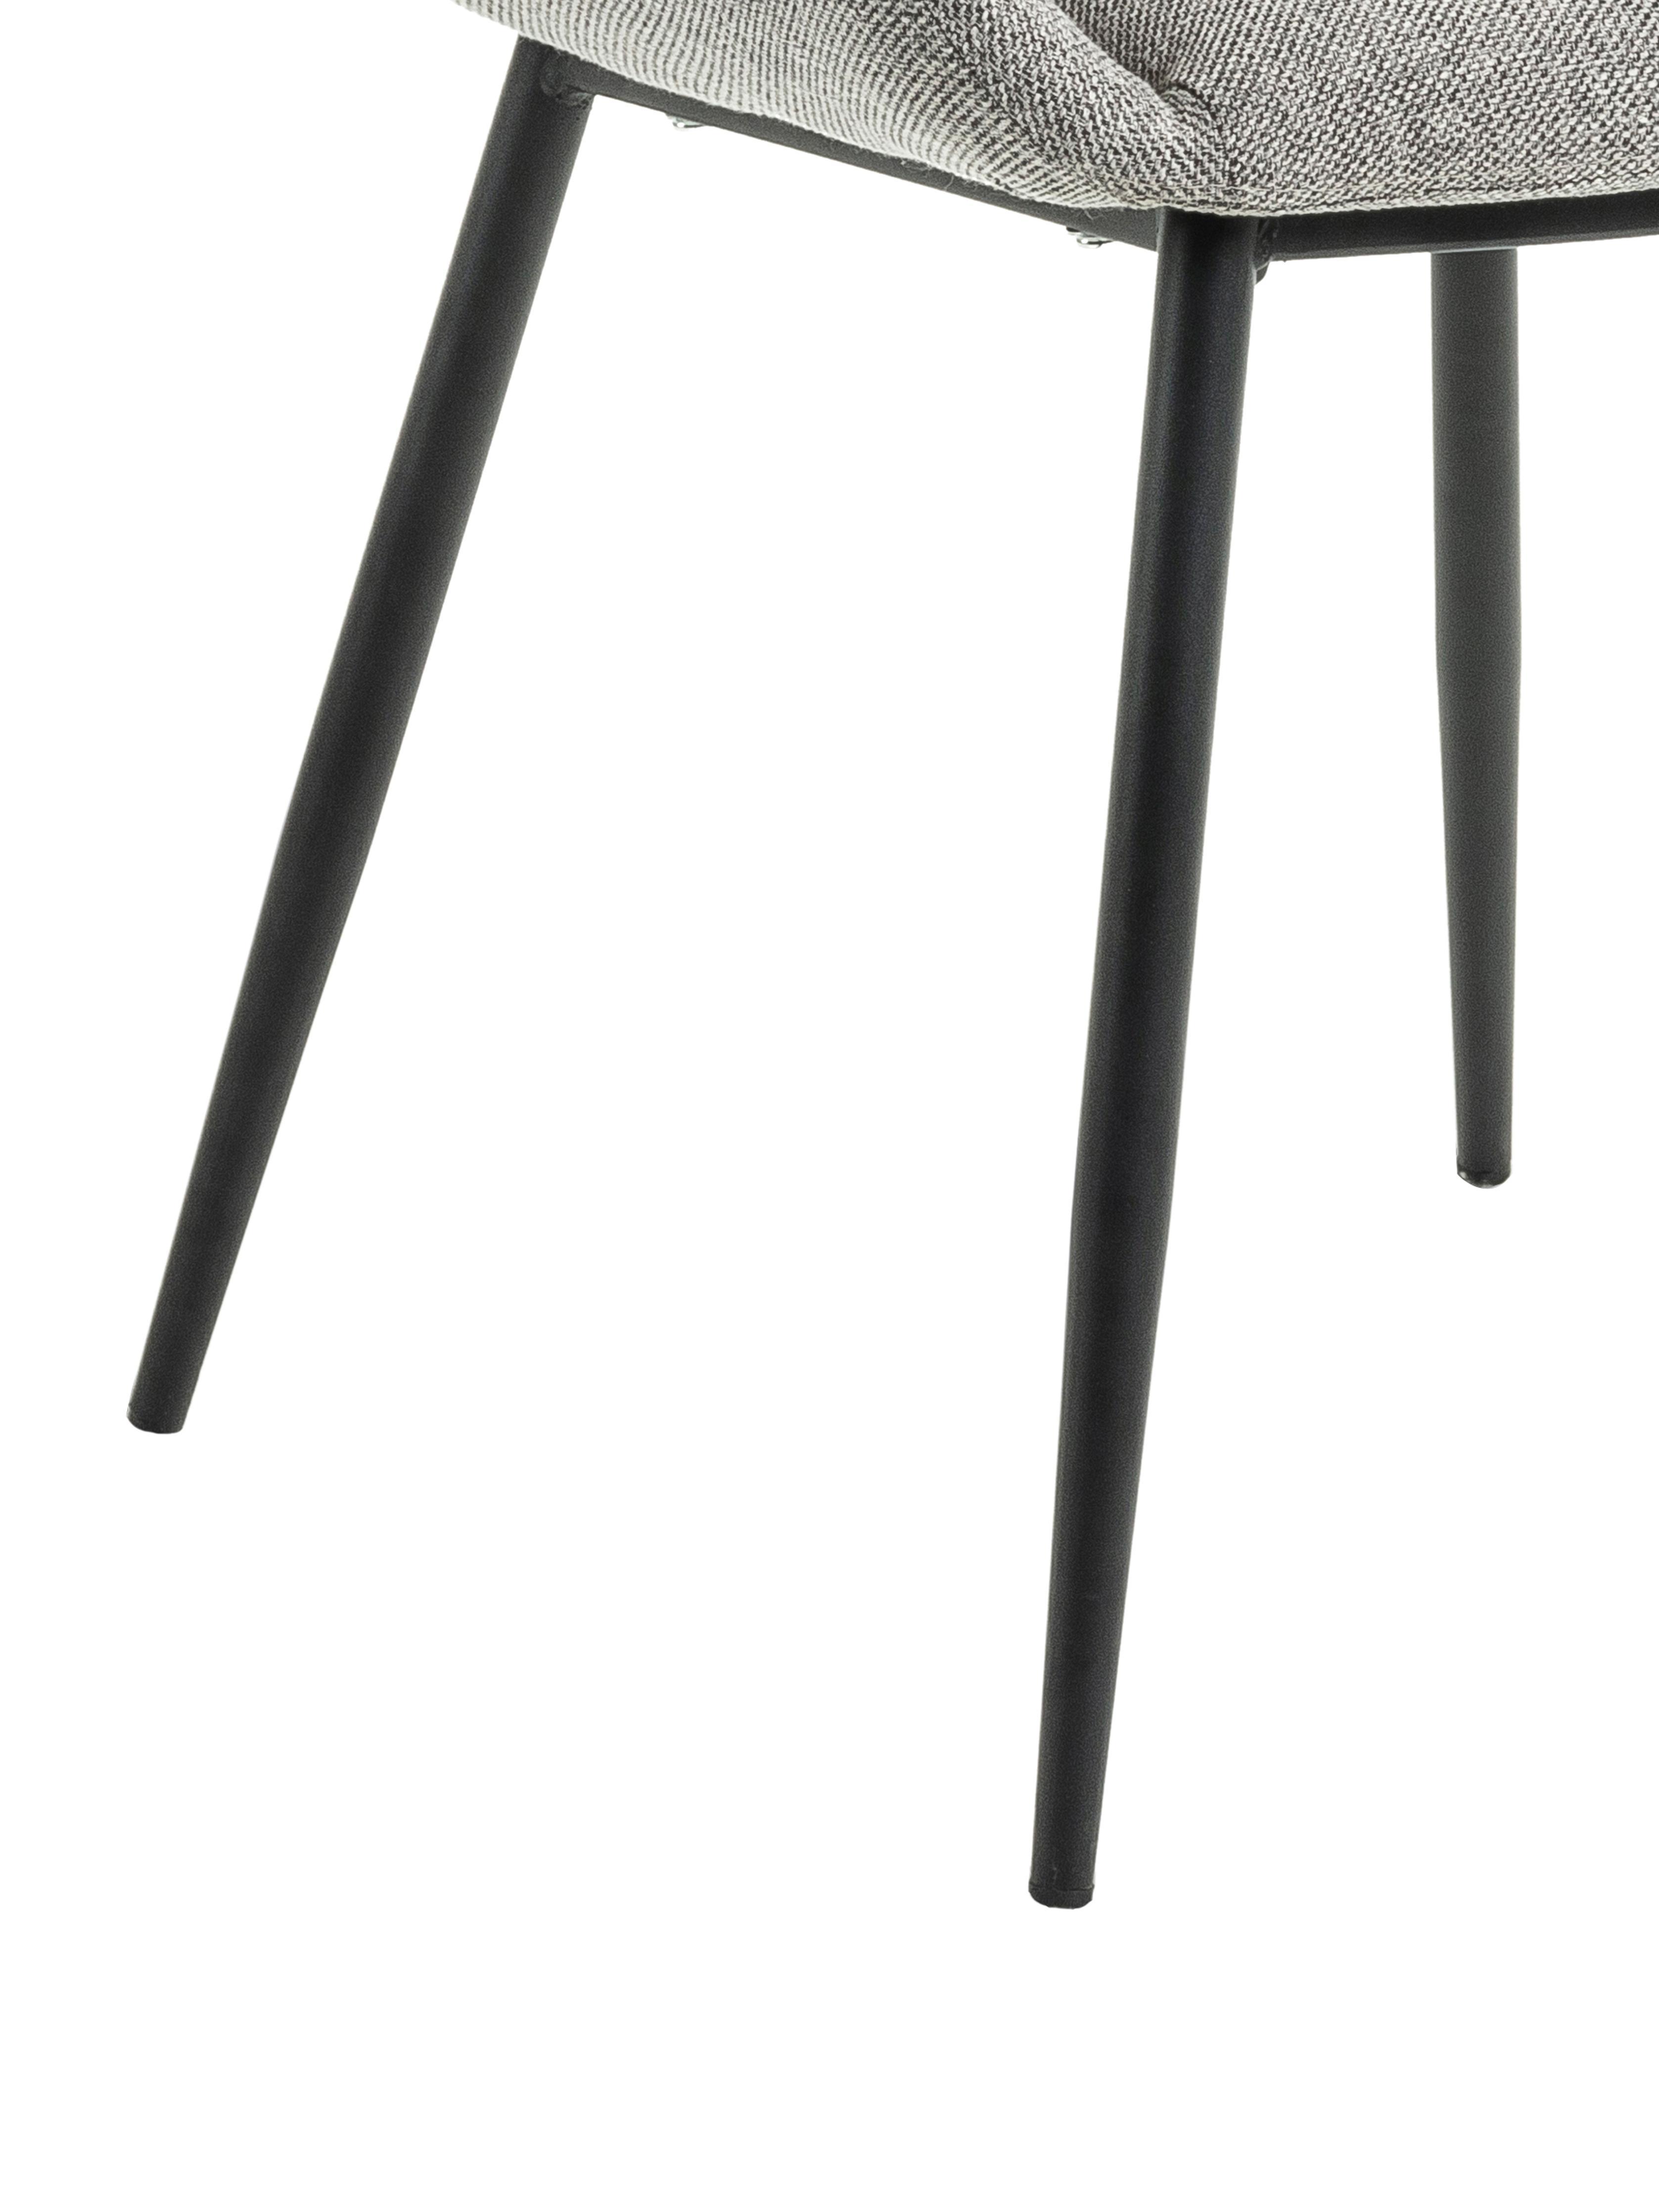 Chaises à accoudoirs grises Kona, 2 pièces, Gris